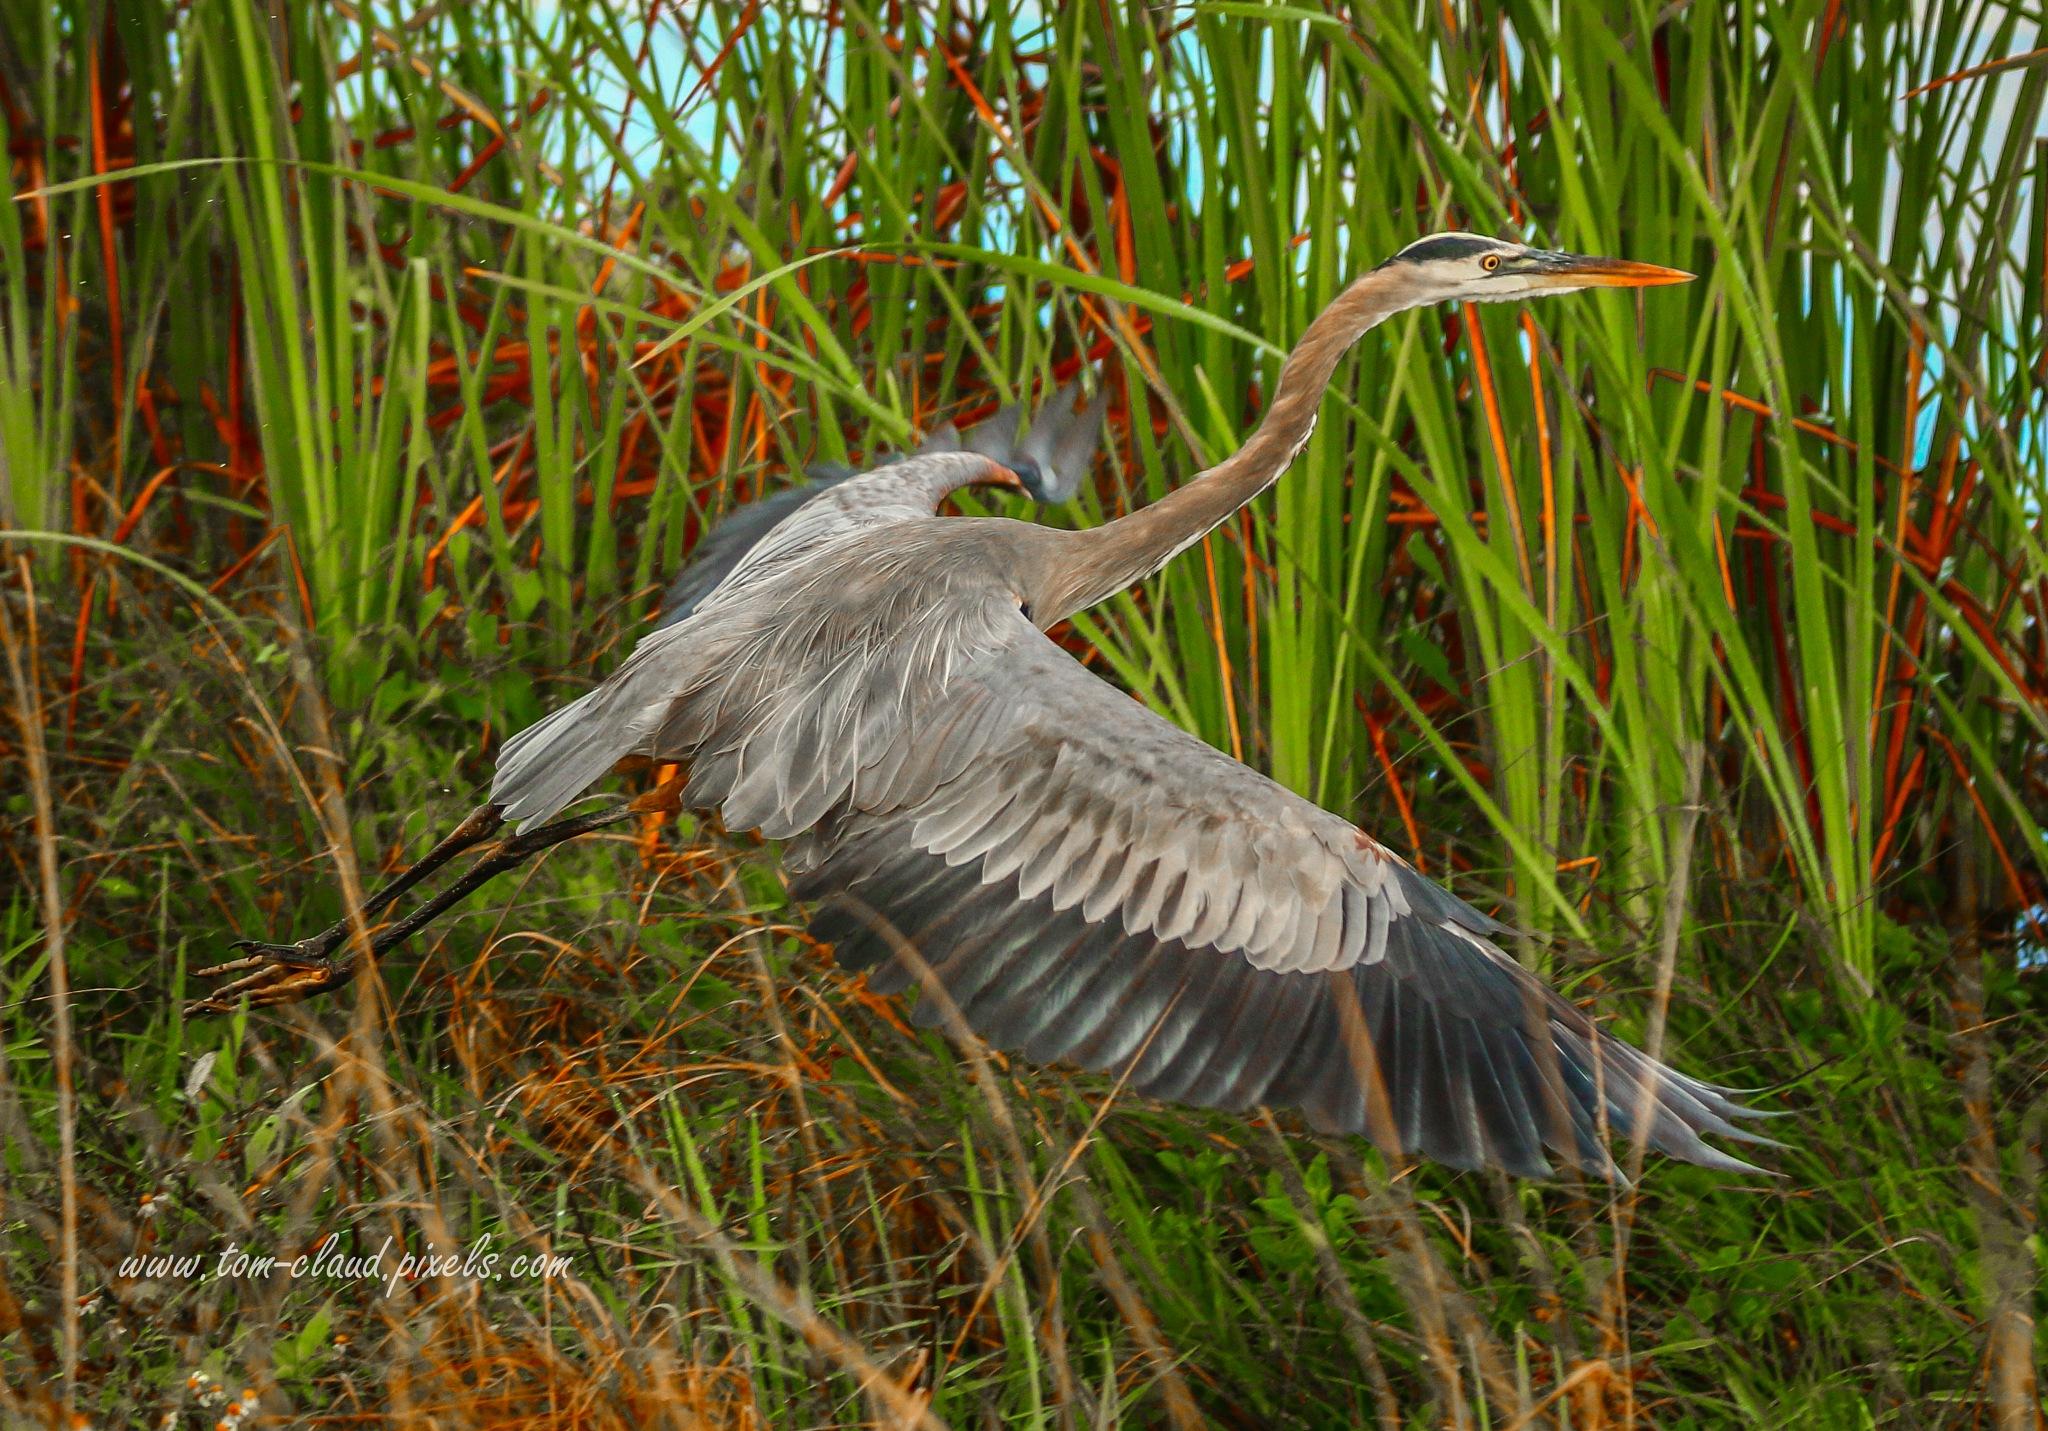 Blue Heron Take-Off by TClaud